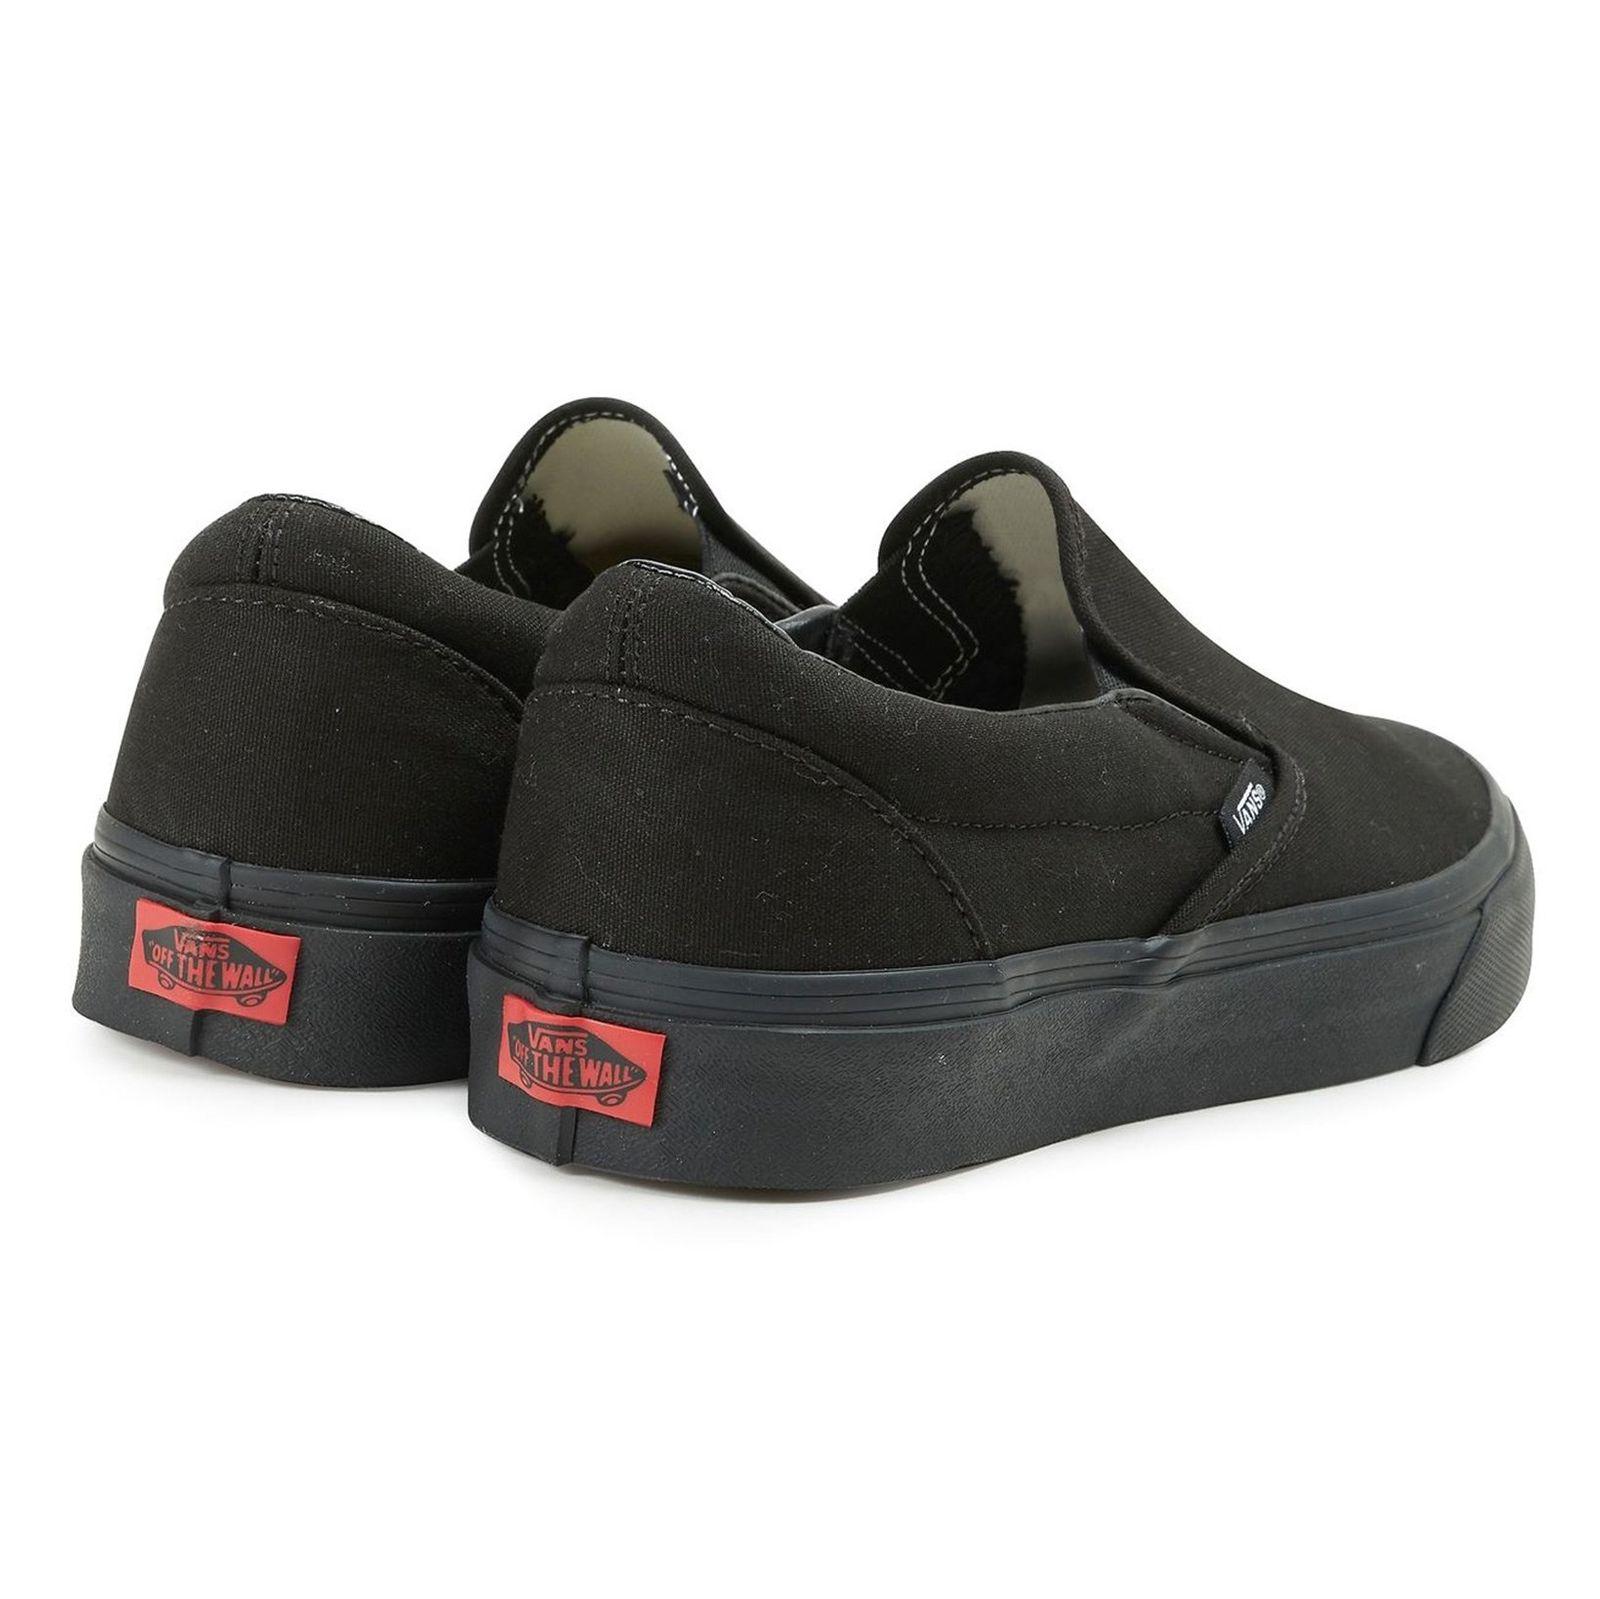 کفش راحتی مردانه Classic Slip On - ونس - مشکي  - 5